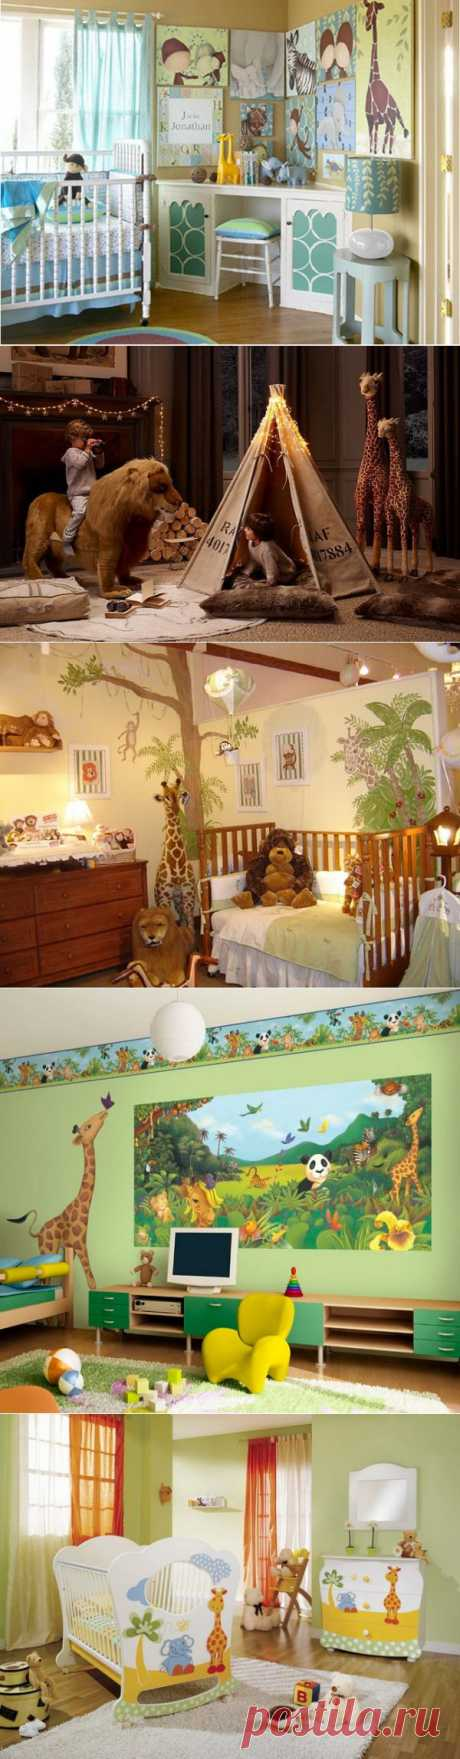 (+1) - Креативные детские комнаты | УЮТНЫЙ ДОМ | советы